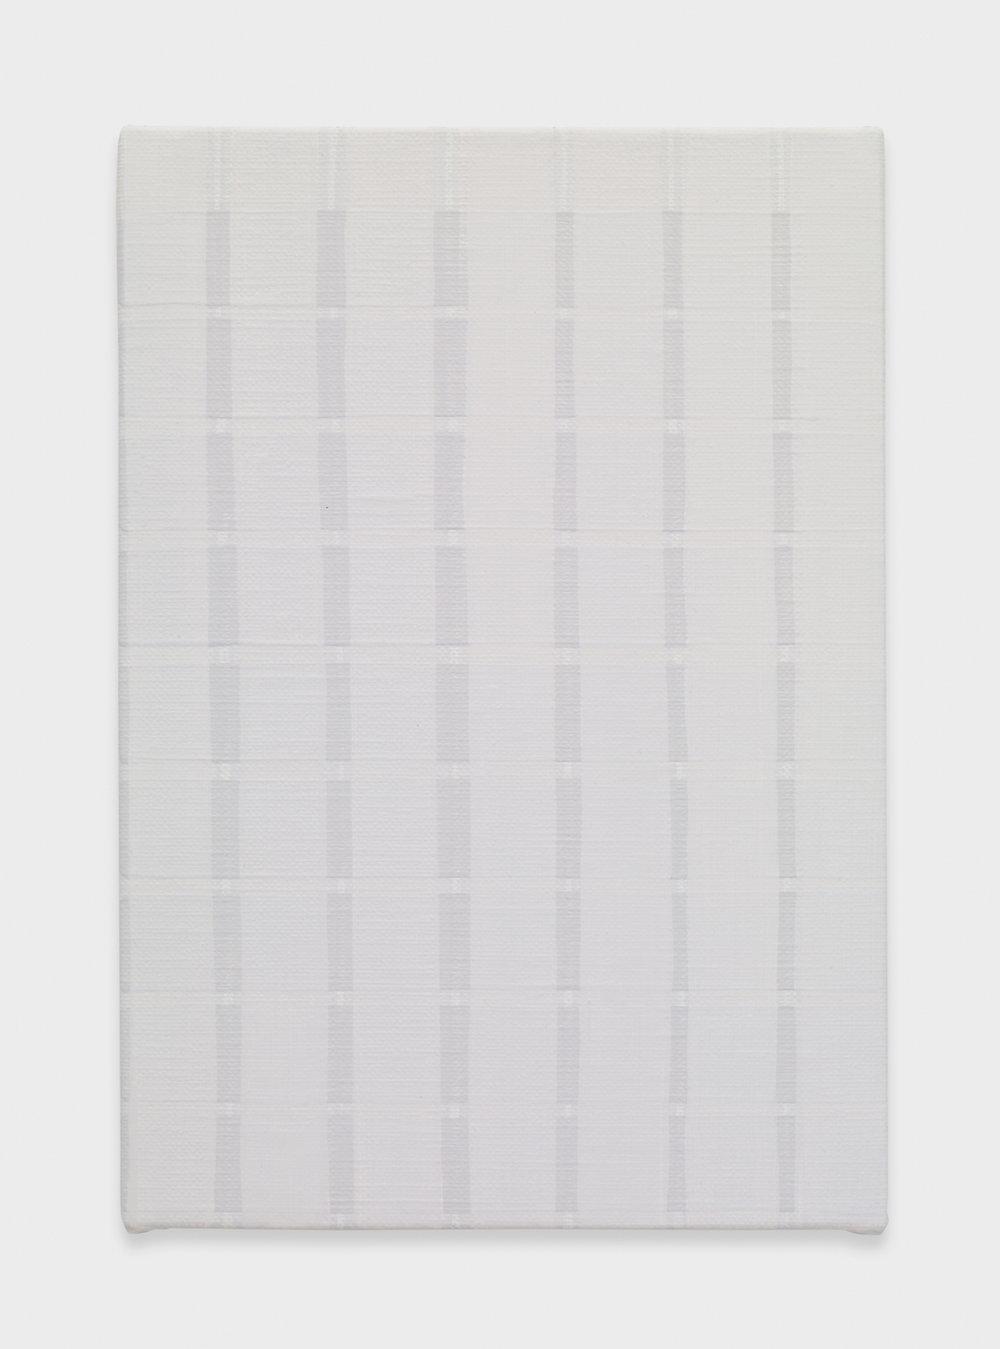 Yui Yaegashi Knife 2017 Oil on canvas 7 1/4h x 4 w in 18.41h x 10.16w cm YY089